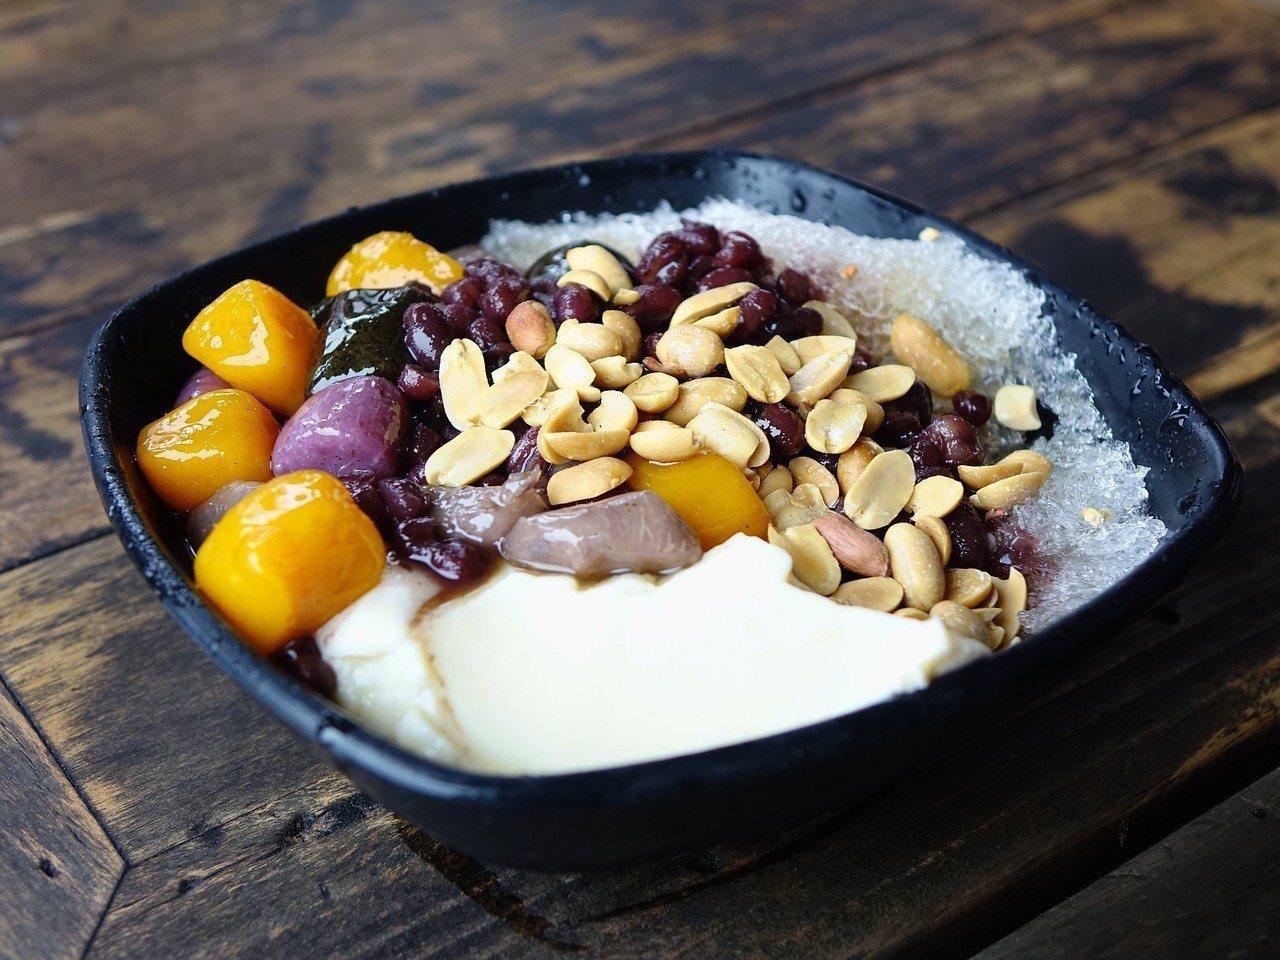 冰品甜湯裡的配料也全都是QQ的。圖片來源/pixabay